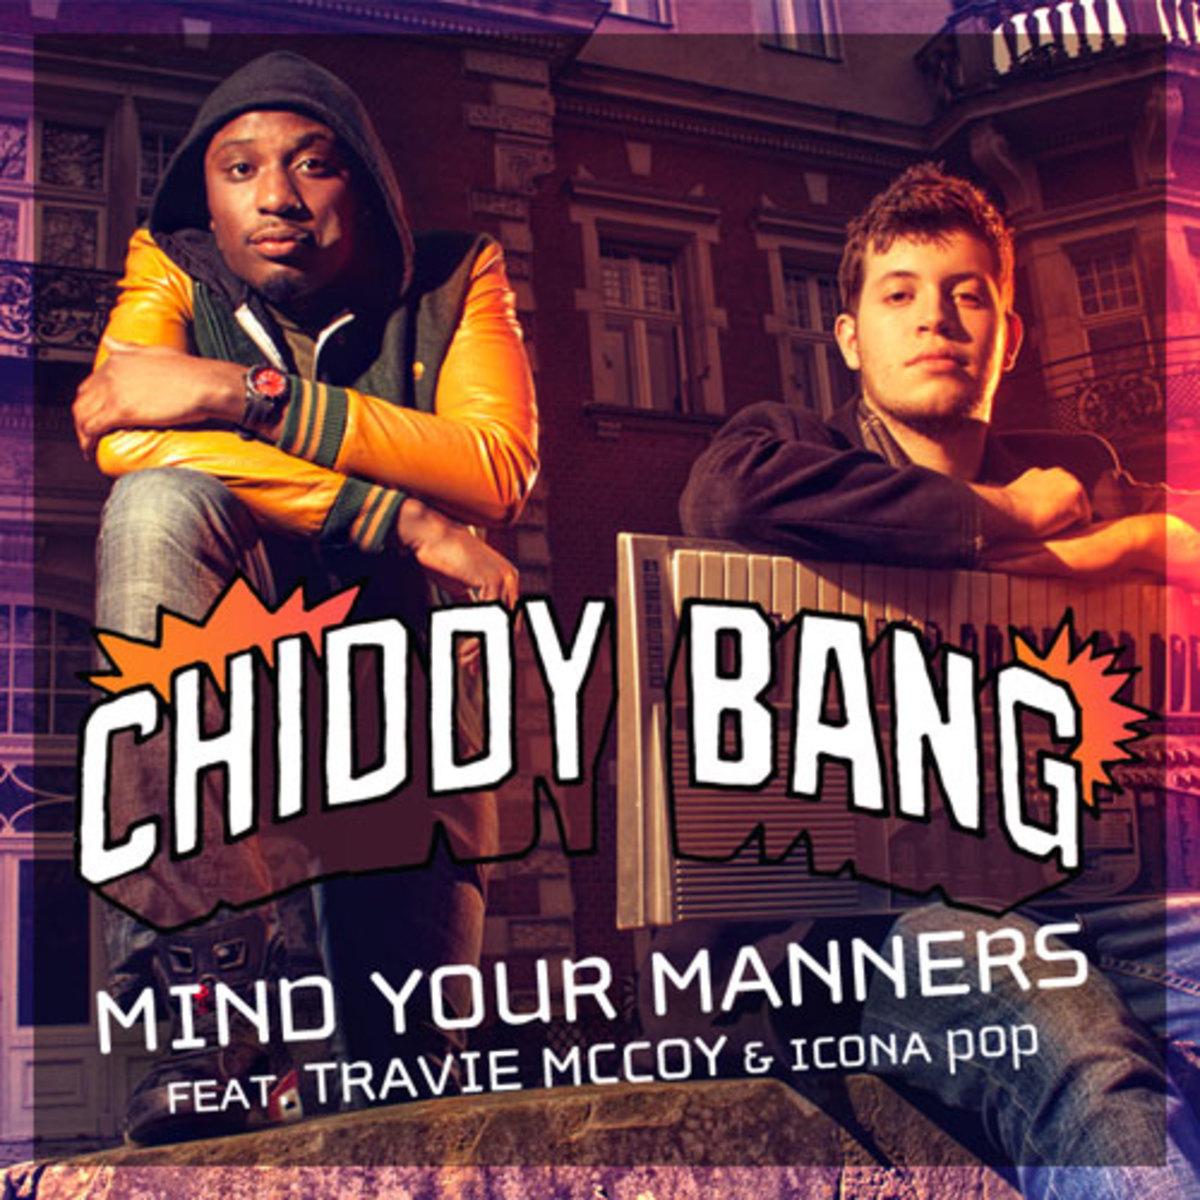 chiddybang-mindyourmanners.jpg